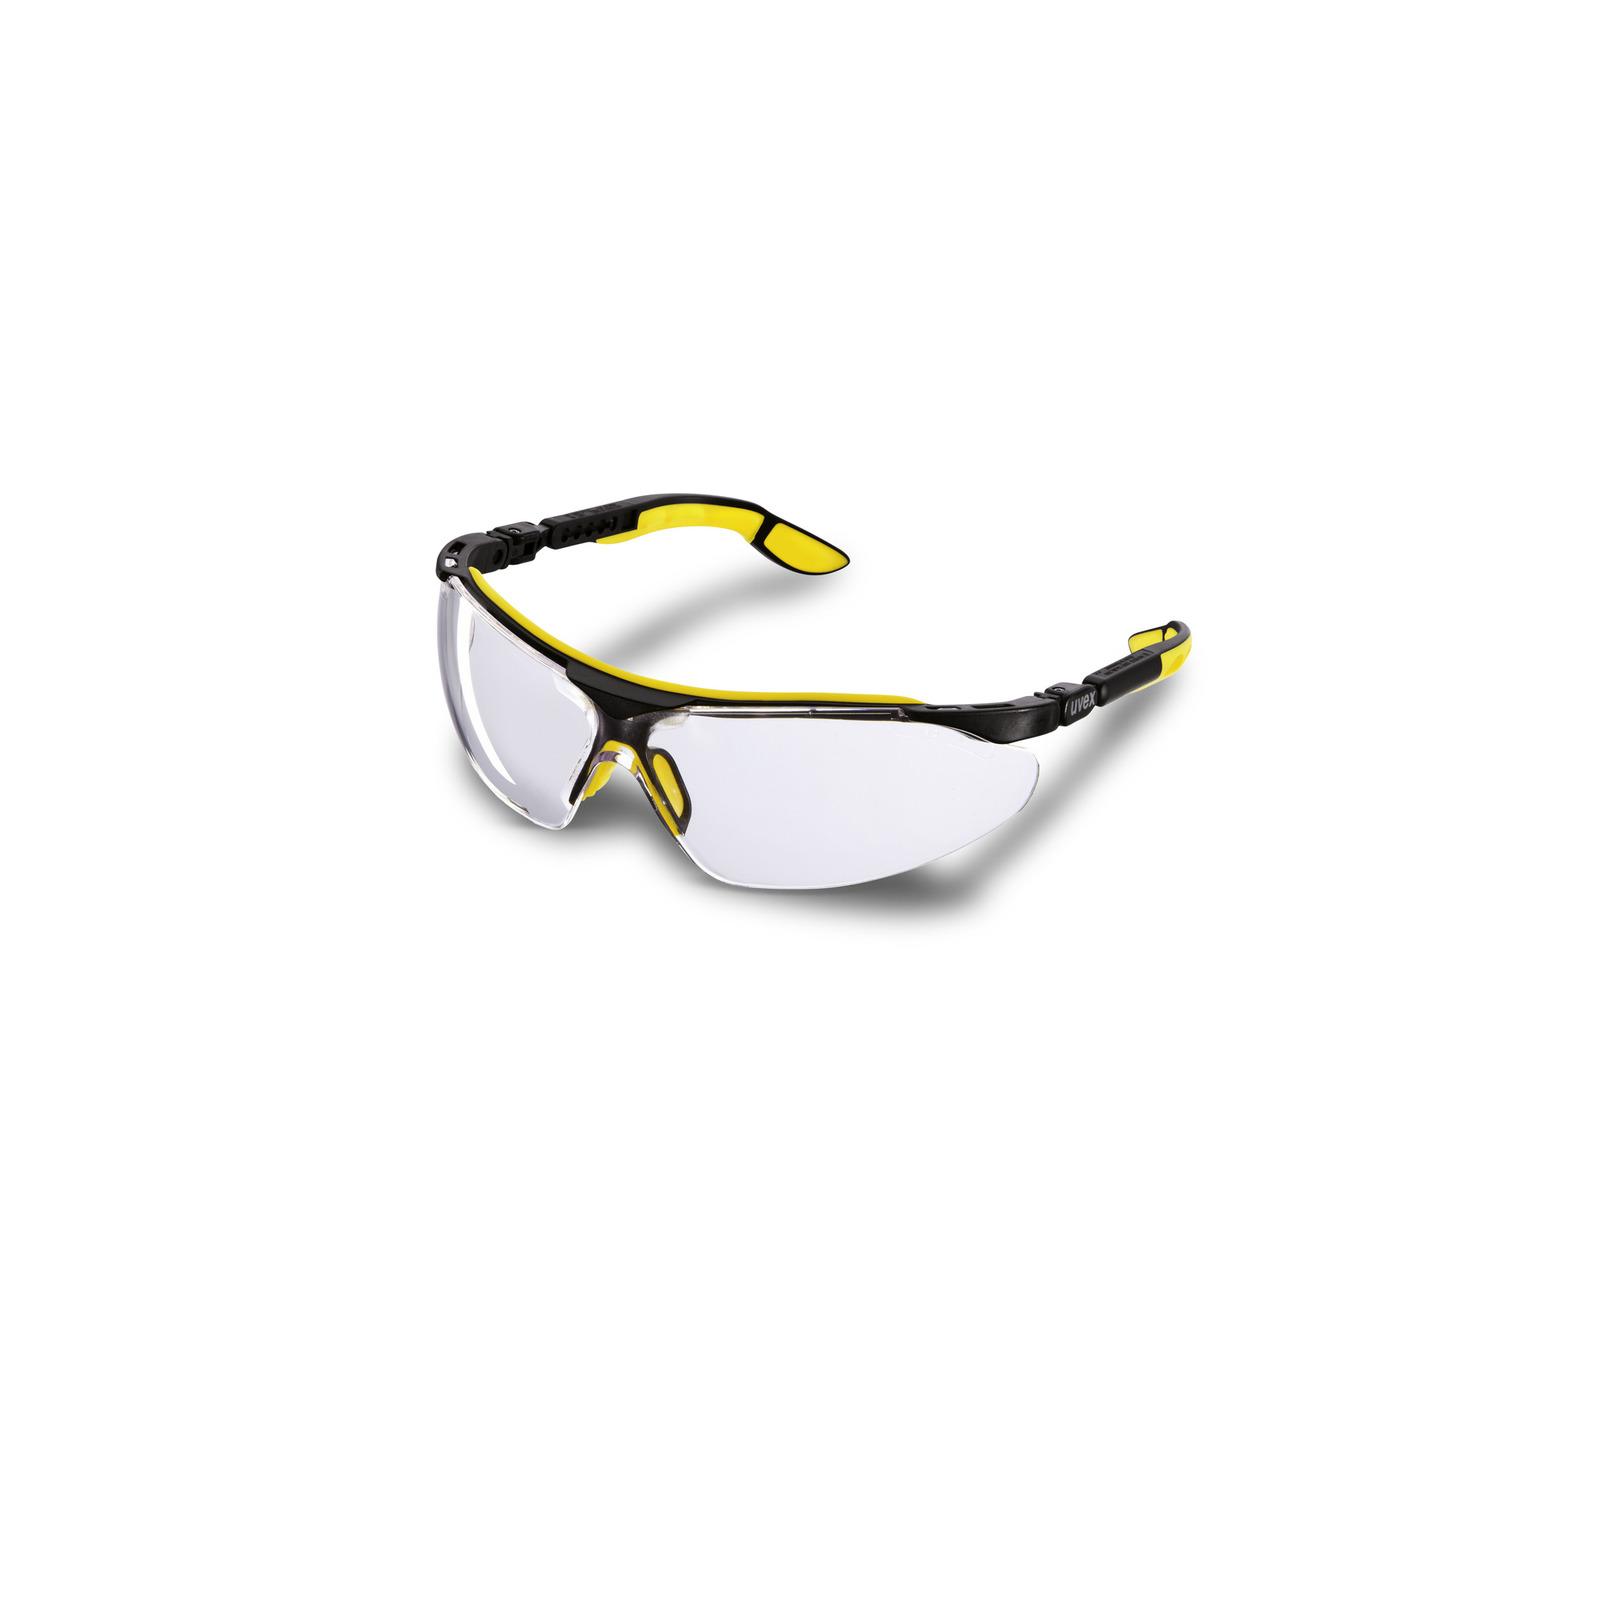 Купить защитные прозрачные очки Керхер  цена, отзывы в официальном  интернет-магазине   Керхер 612560353eb